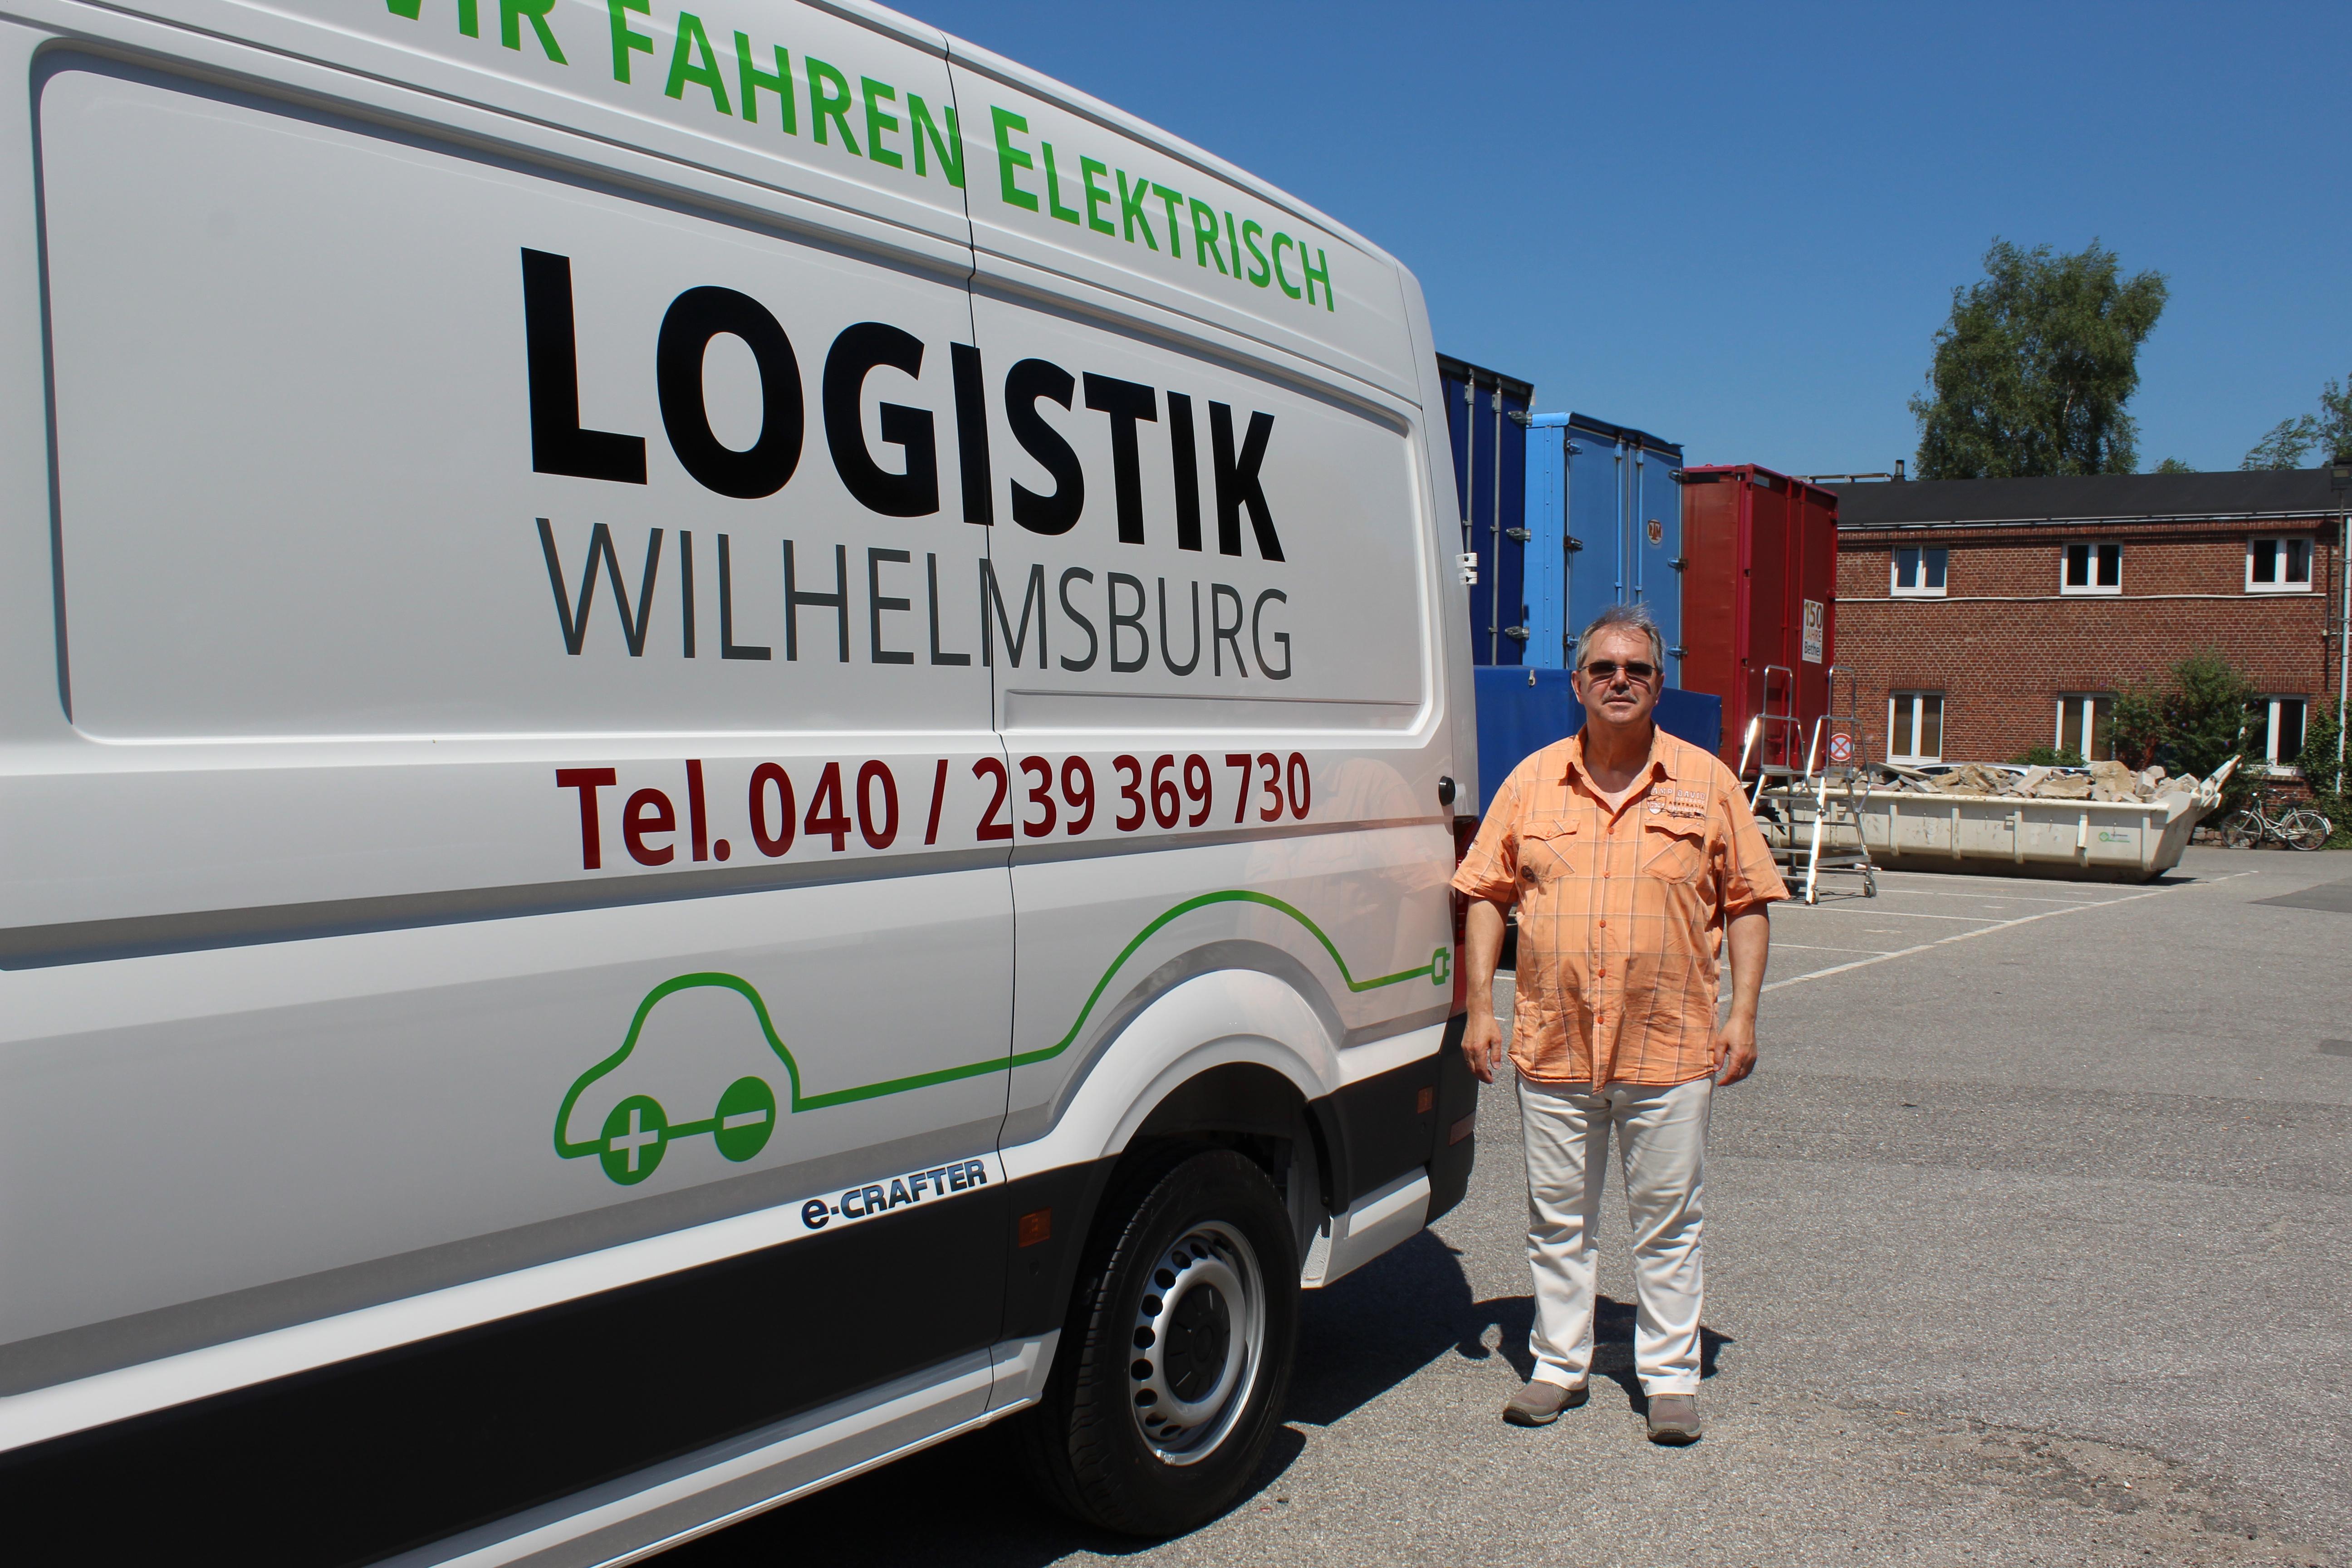 Betriebsleiter Norbert Meiburg freut sich nicht nur über die neuen Räumlichkeiten im Puhsthof sondern auch über den neuen E-Transporter. Foto: au